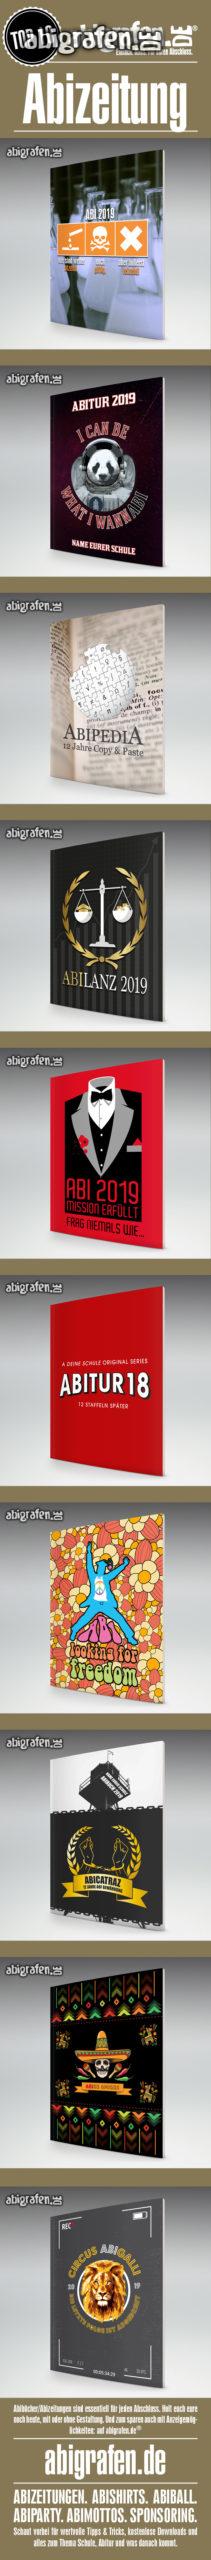 abizeitung-abibuch-cover-bunt-schlicht-abigrafen-schüler-muster